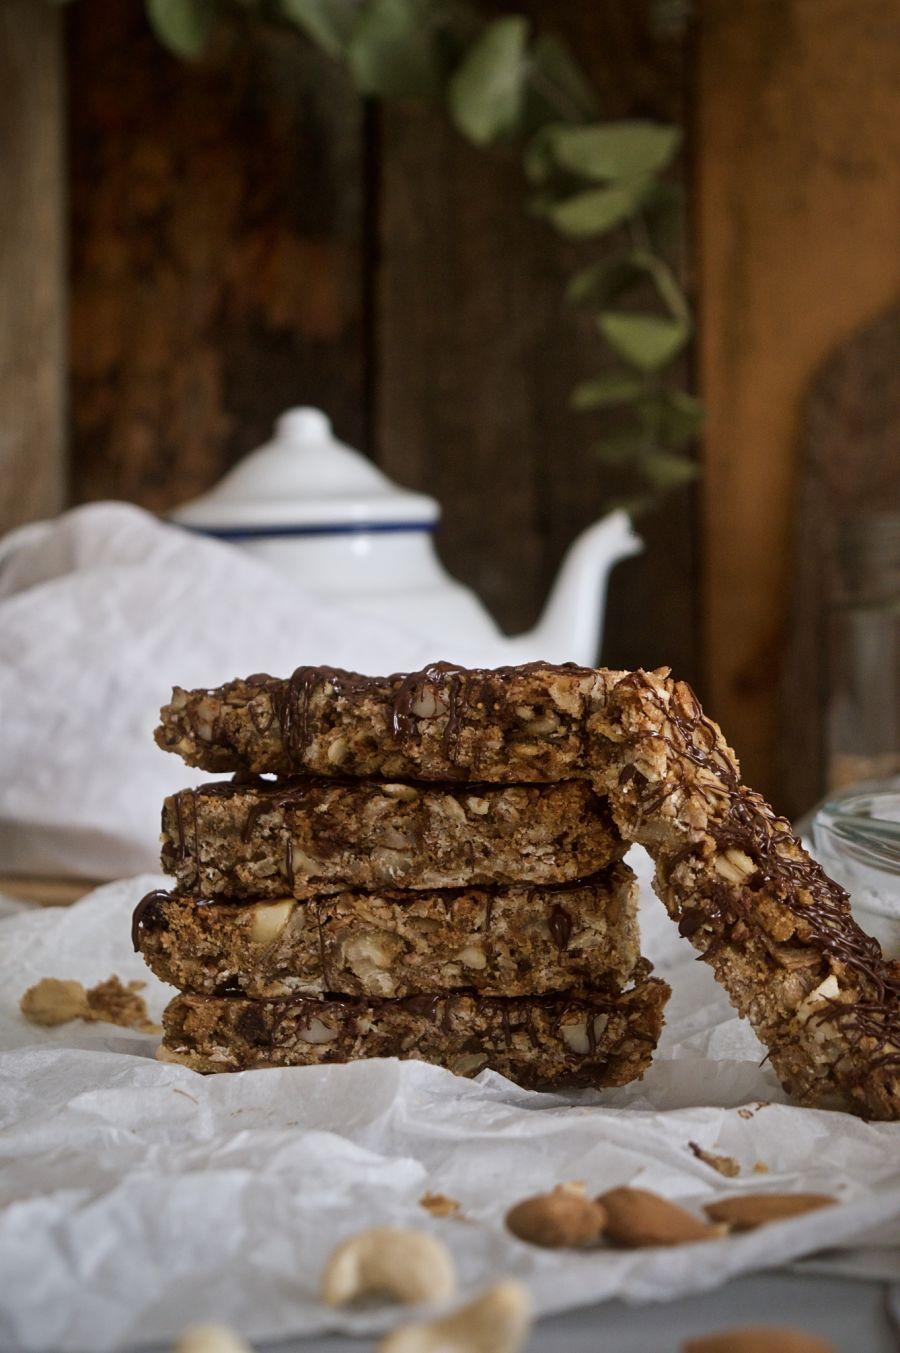 barritas-de-cereales-y-frutos-secos-saludables-sin-azúcar